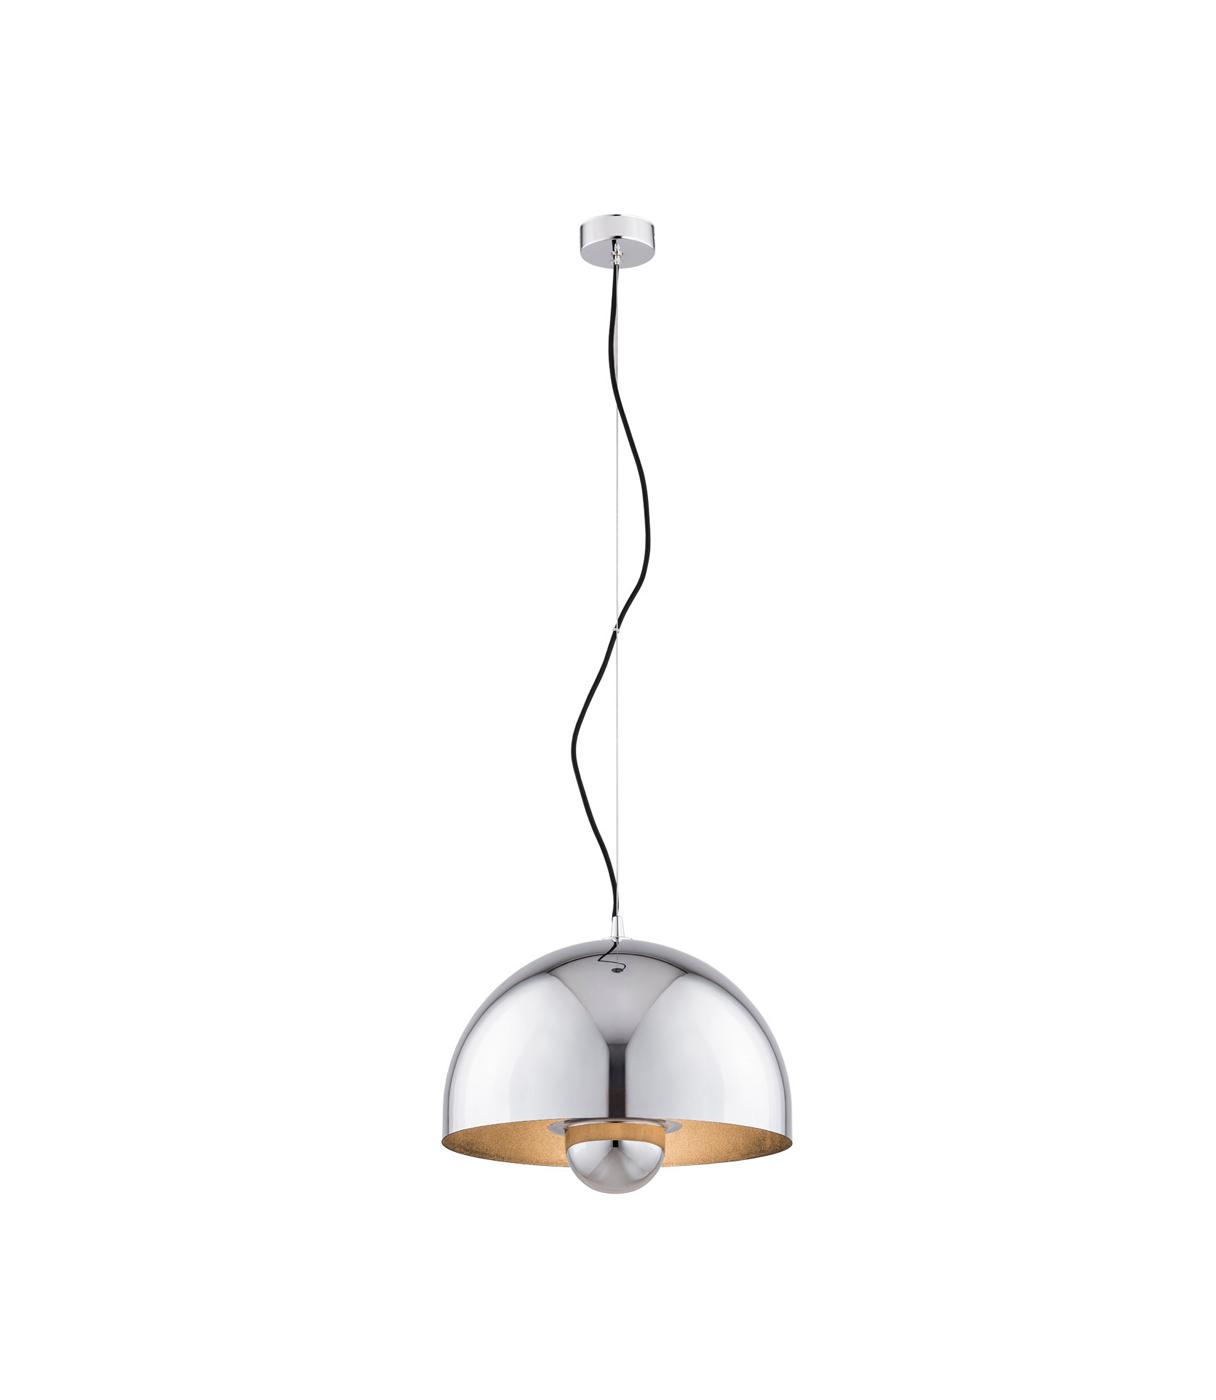 Metalowa lampa wisząca chromowa z miedzianym środkiem